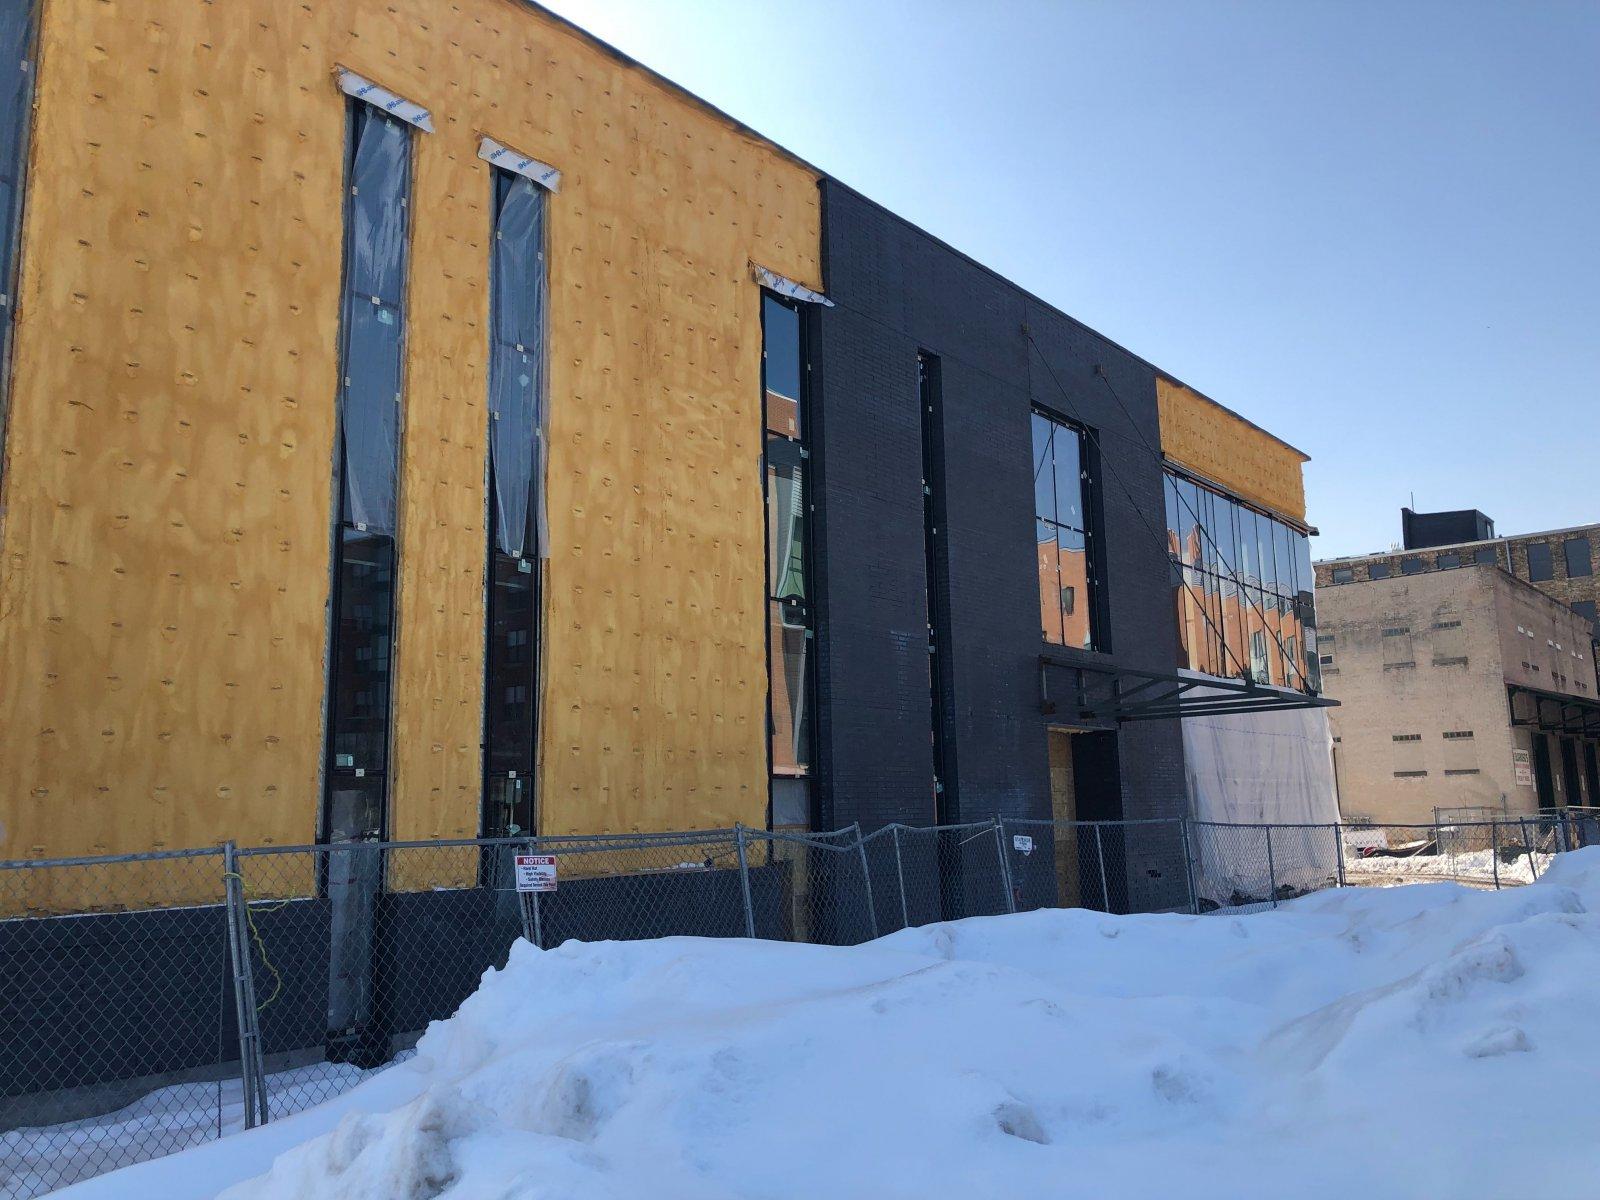 Baumgartner Center for Dance Exterior